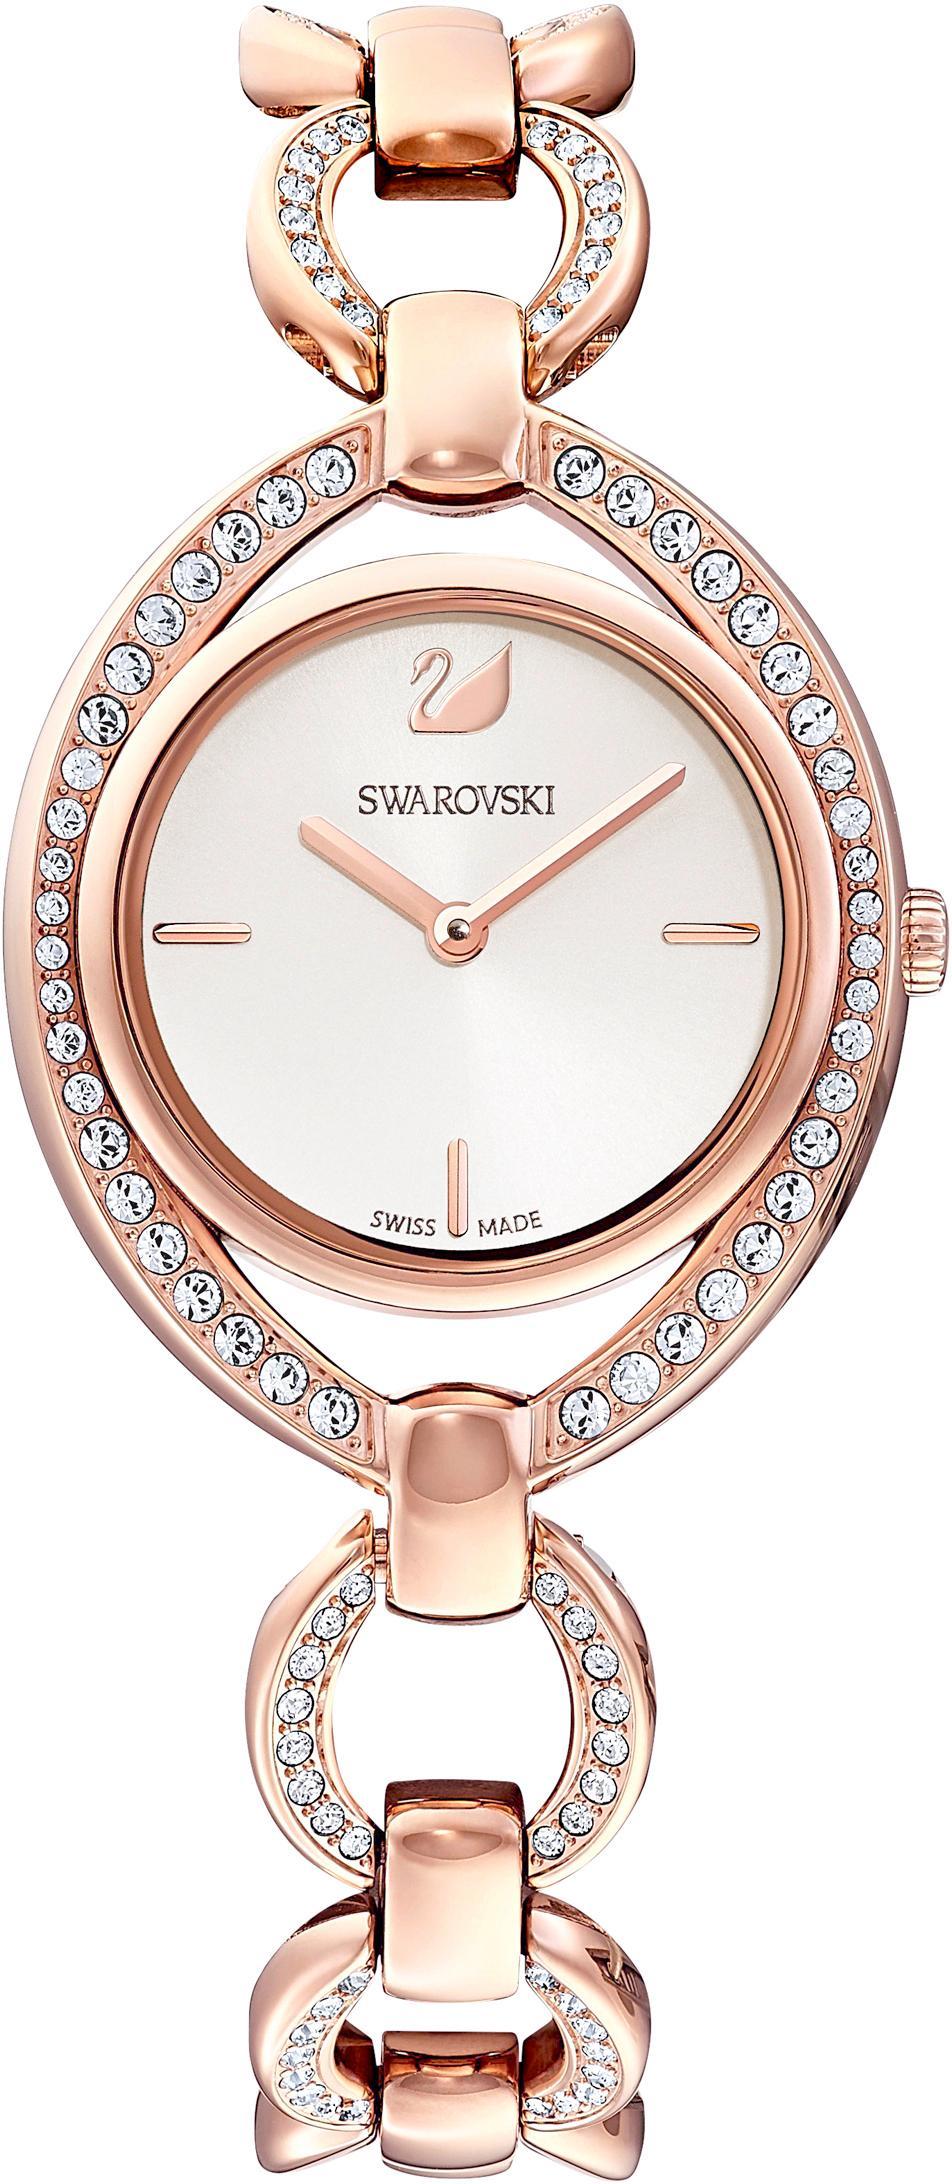 Swarovski Schweizer Uhr STELLA MC 5470415 | Uhren > Schweizer Uhren | Goldfarben | Swarovski